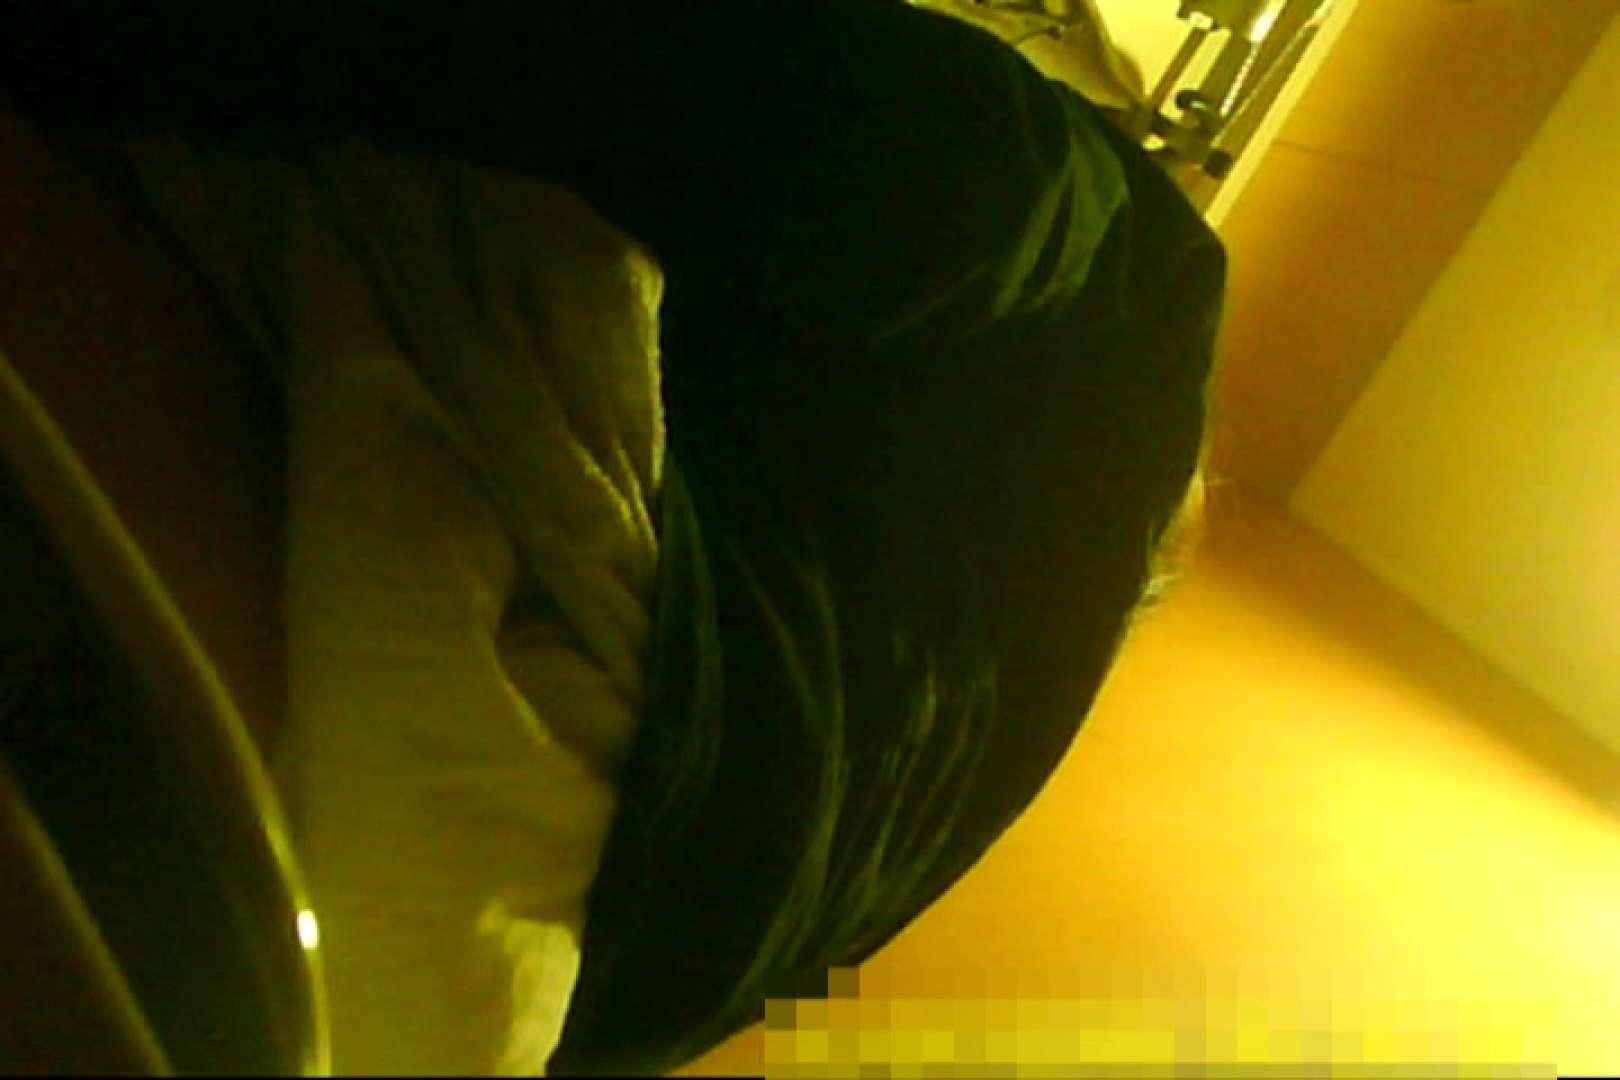 魅惑の化粧室~禁断のプライベート空間~20 ナプキン | チラ歓迎  72pic 1